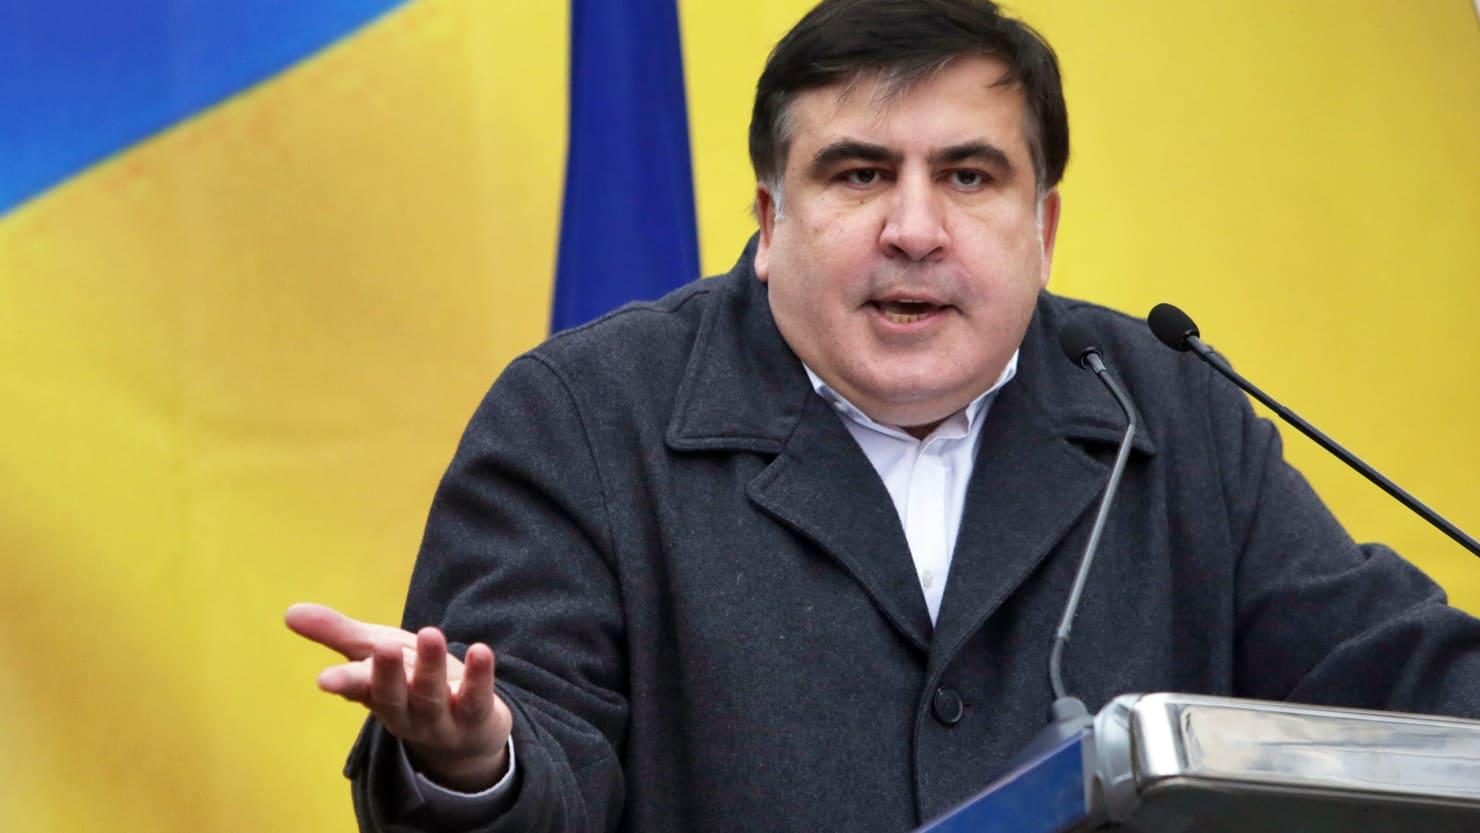 Mihail Saakashvili, dusman declarat al autoritatilor de la Kiev, interzis de presedintele Porosenko